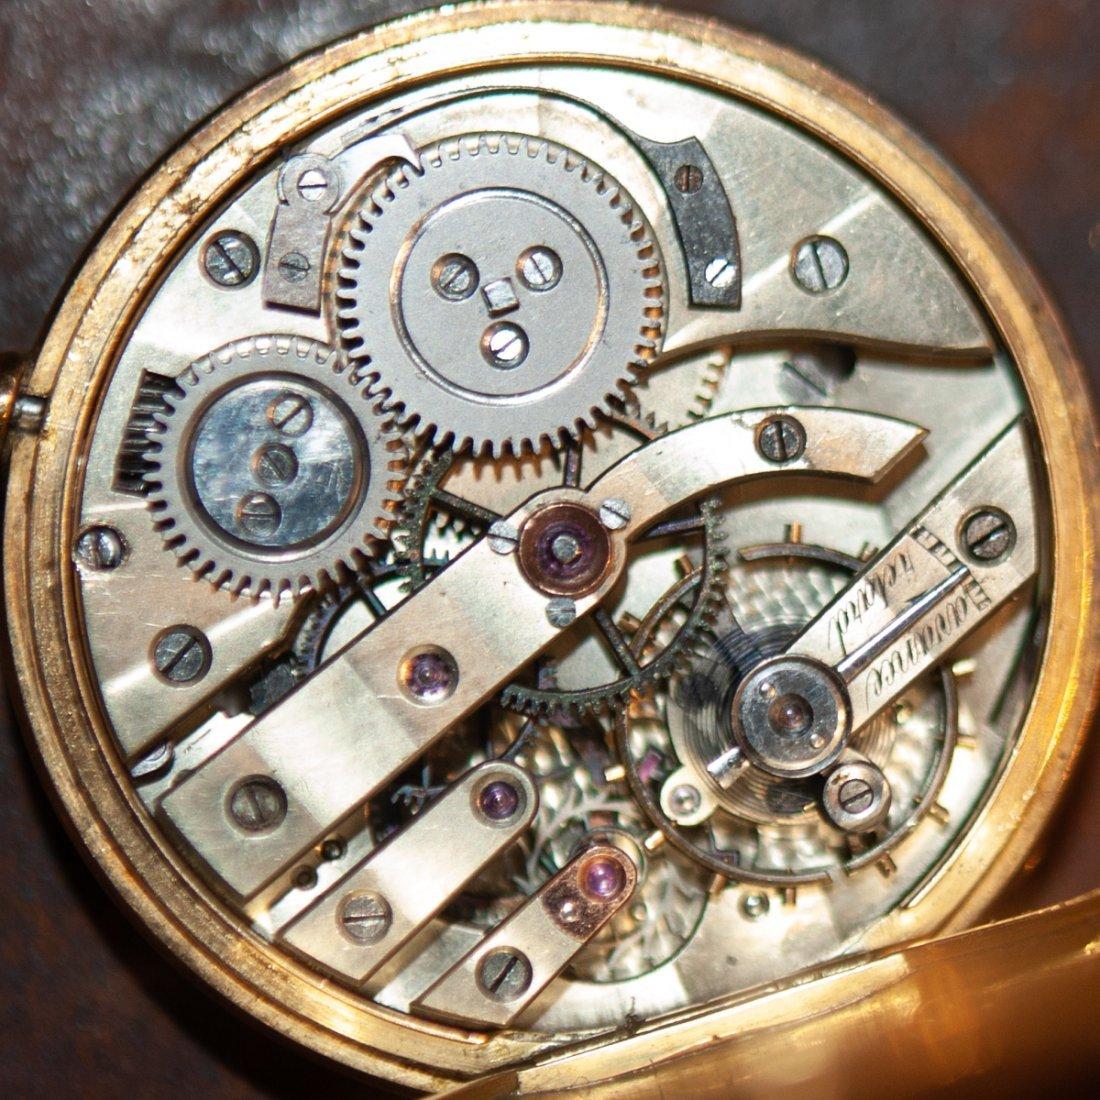 Swiss 18kt Gold Enameled Pocket Watch - 8